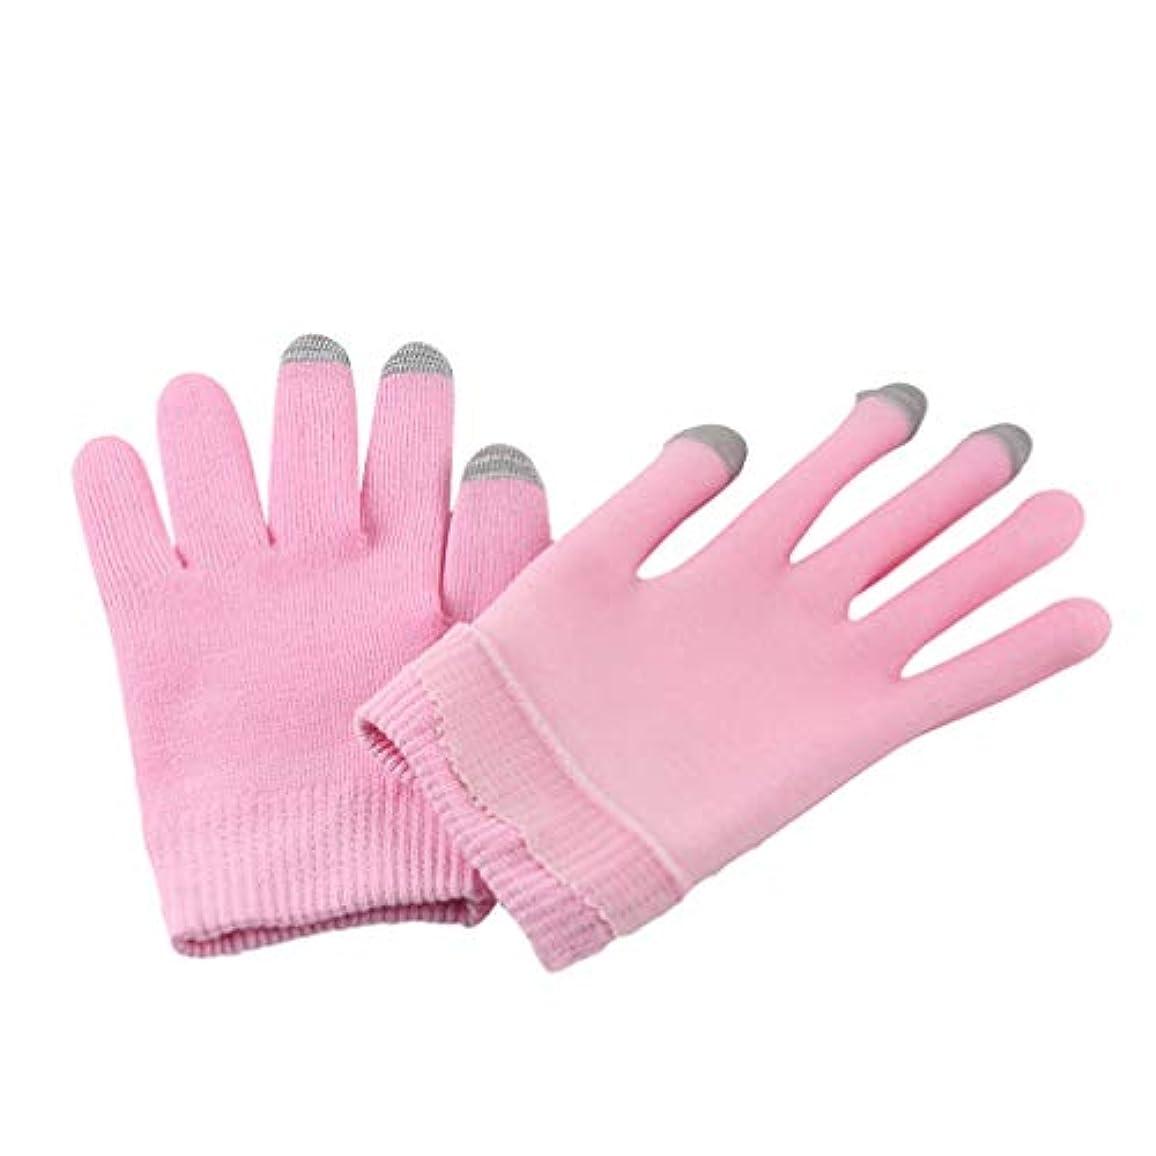 援助寮小屋SUPVOX 冬のニット手袋タッチスクリーン手袋屋外サイクリング運転用の防風サーマルグローブ1ペア